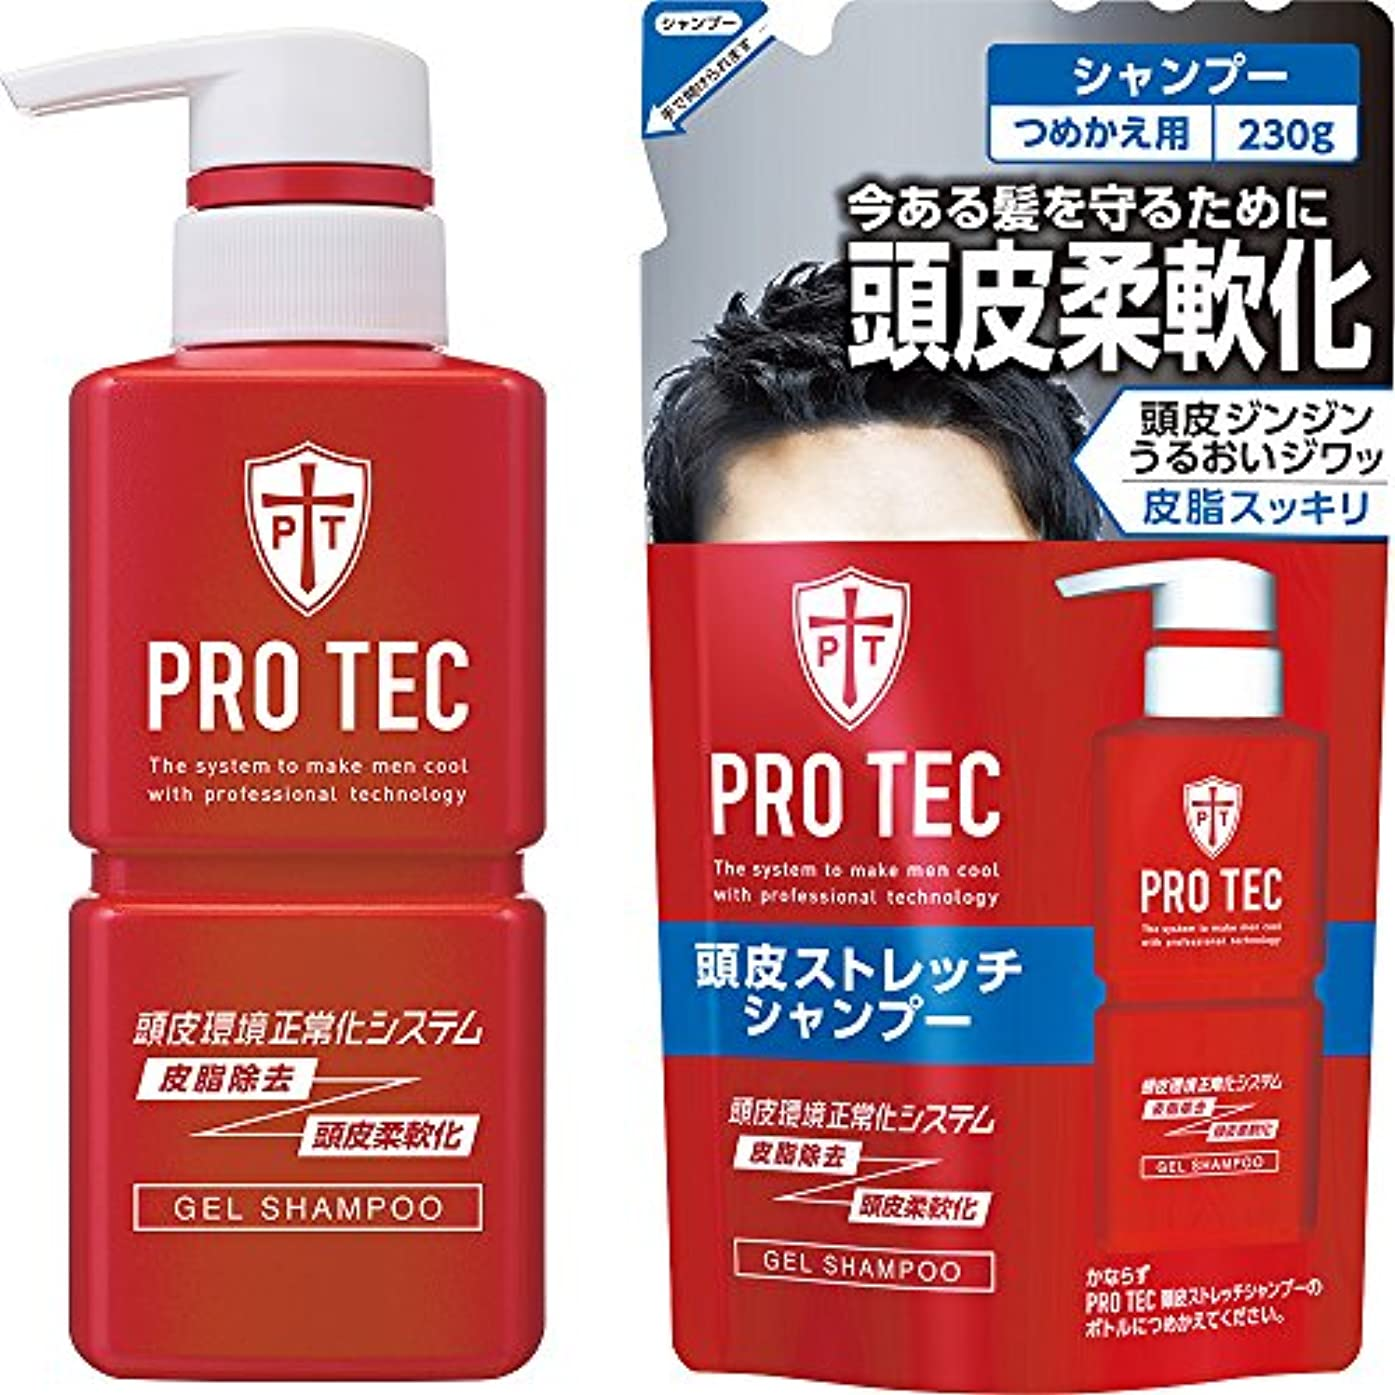 信条大統領戸惑うPRO TEC(プロテク) 頭皮ストレッチシャンプー 本体ポンプ300g+詰め替え230g セット(医薬部外品)